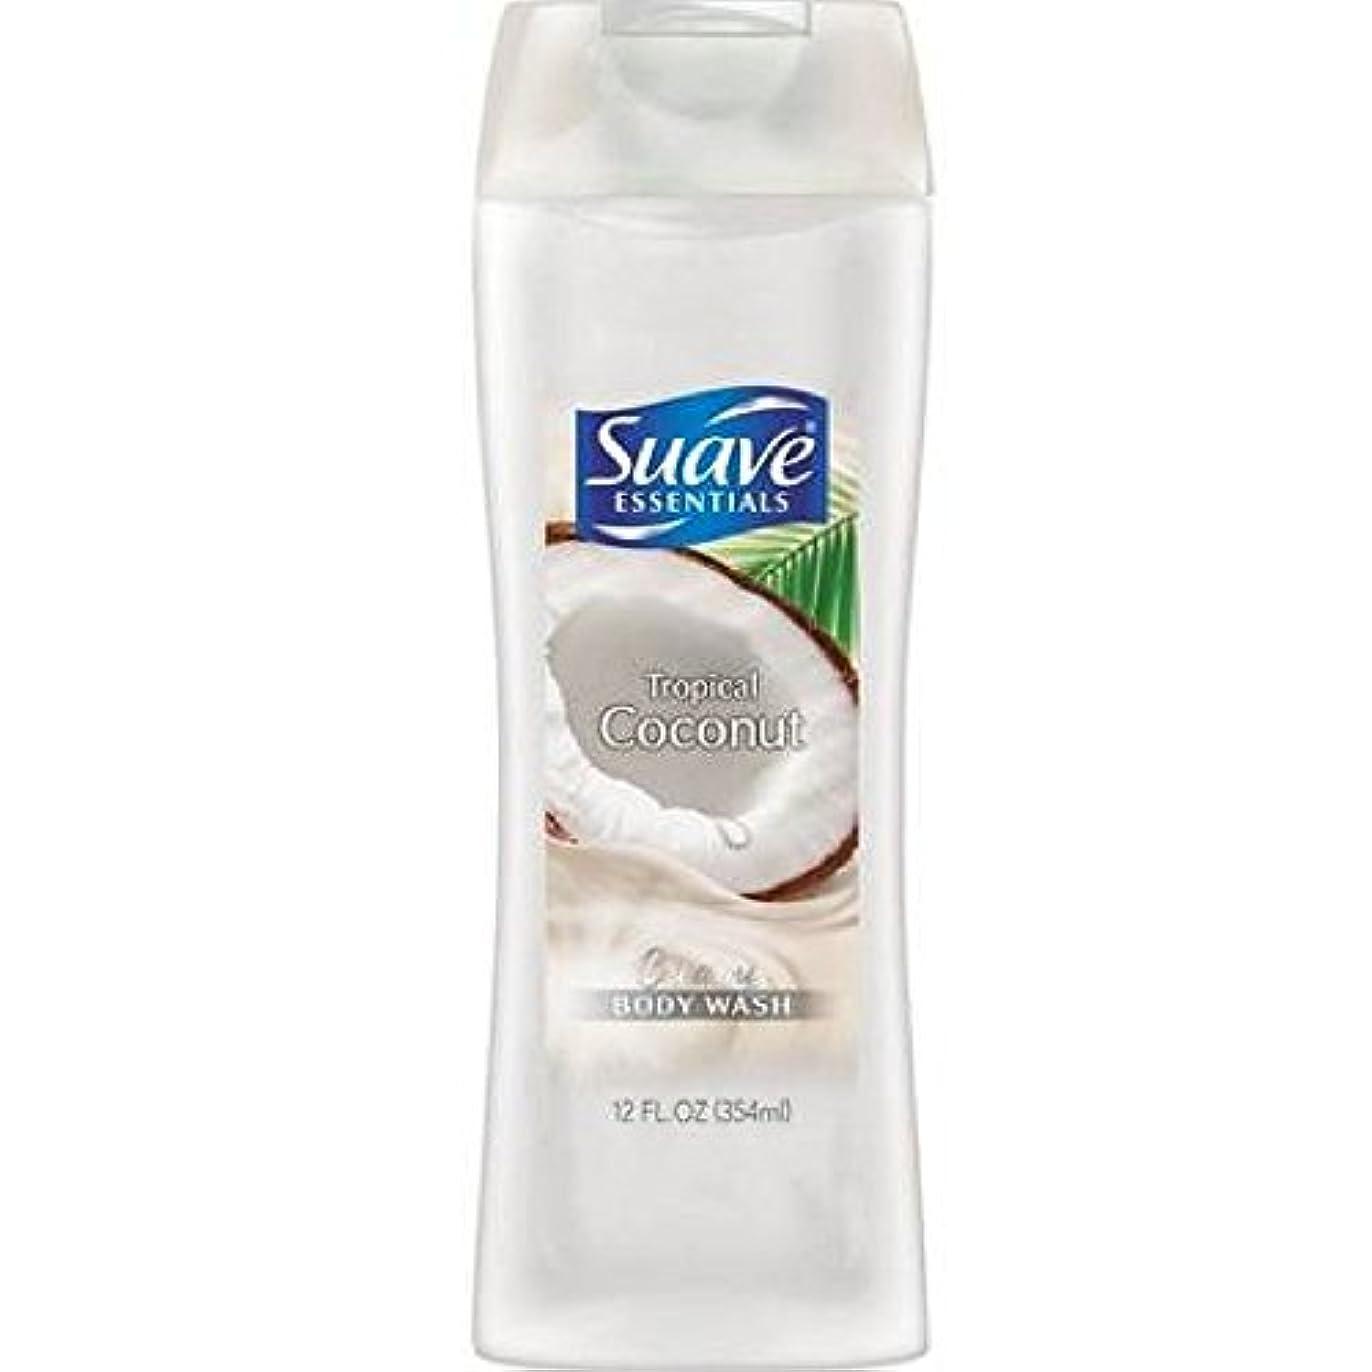 テクニカル話をする感謝Suave Naturals Body Wash - Tropical Coconut - 12 oz - 2 pk by Suave [並行輸入品]